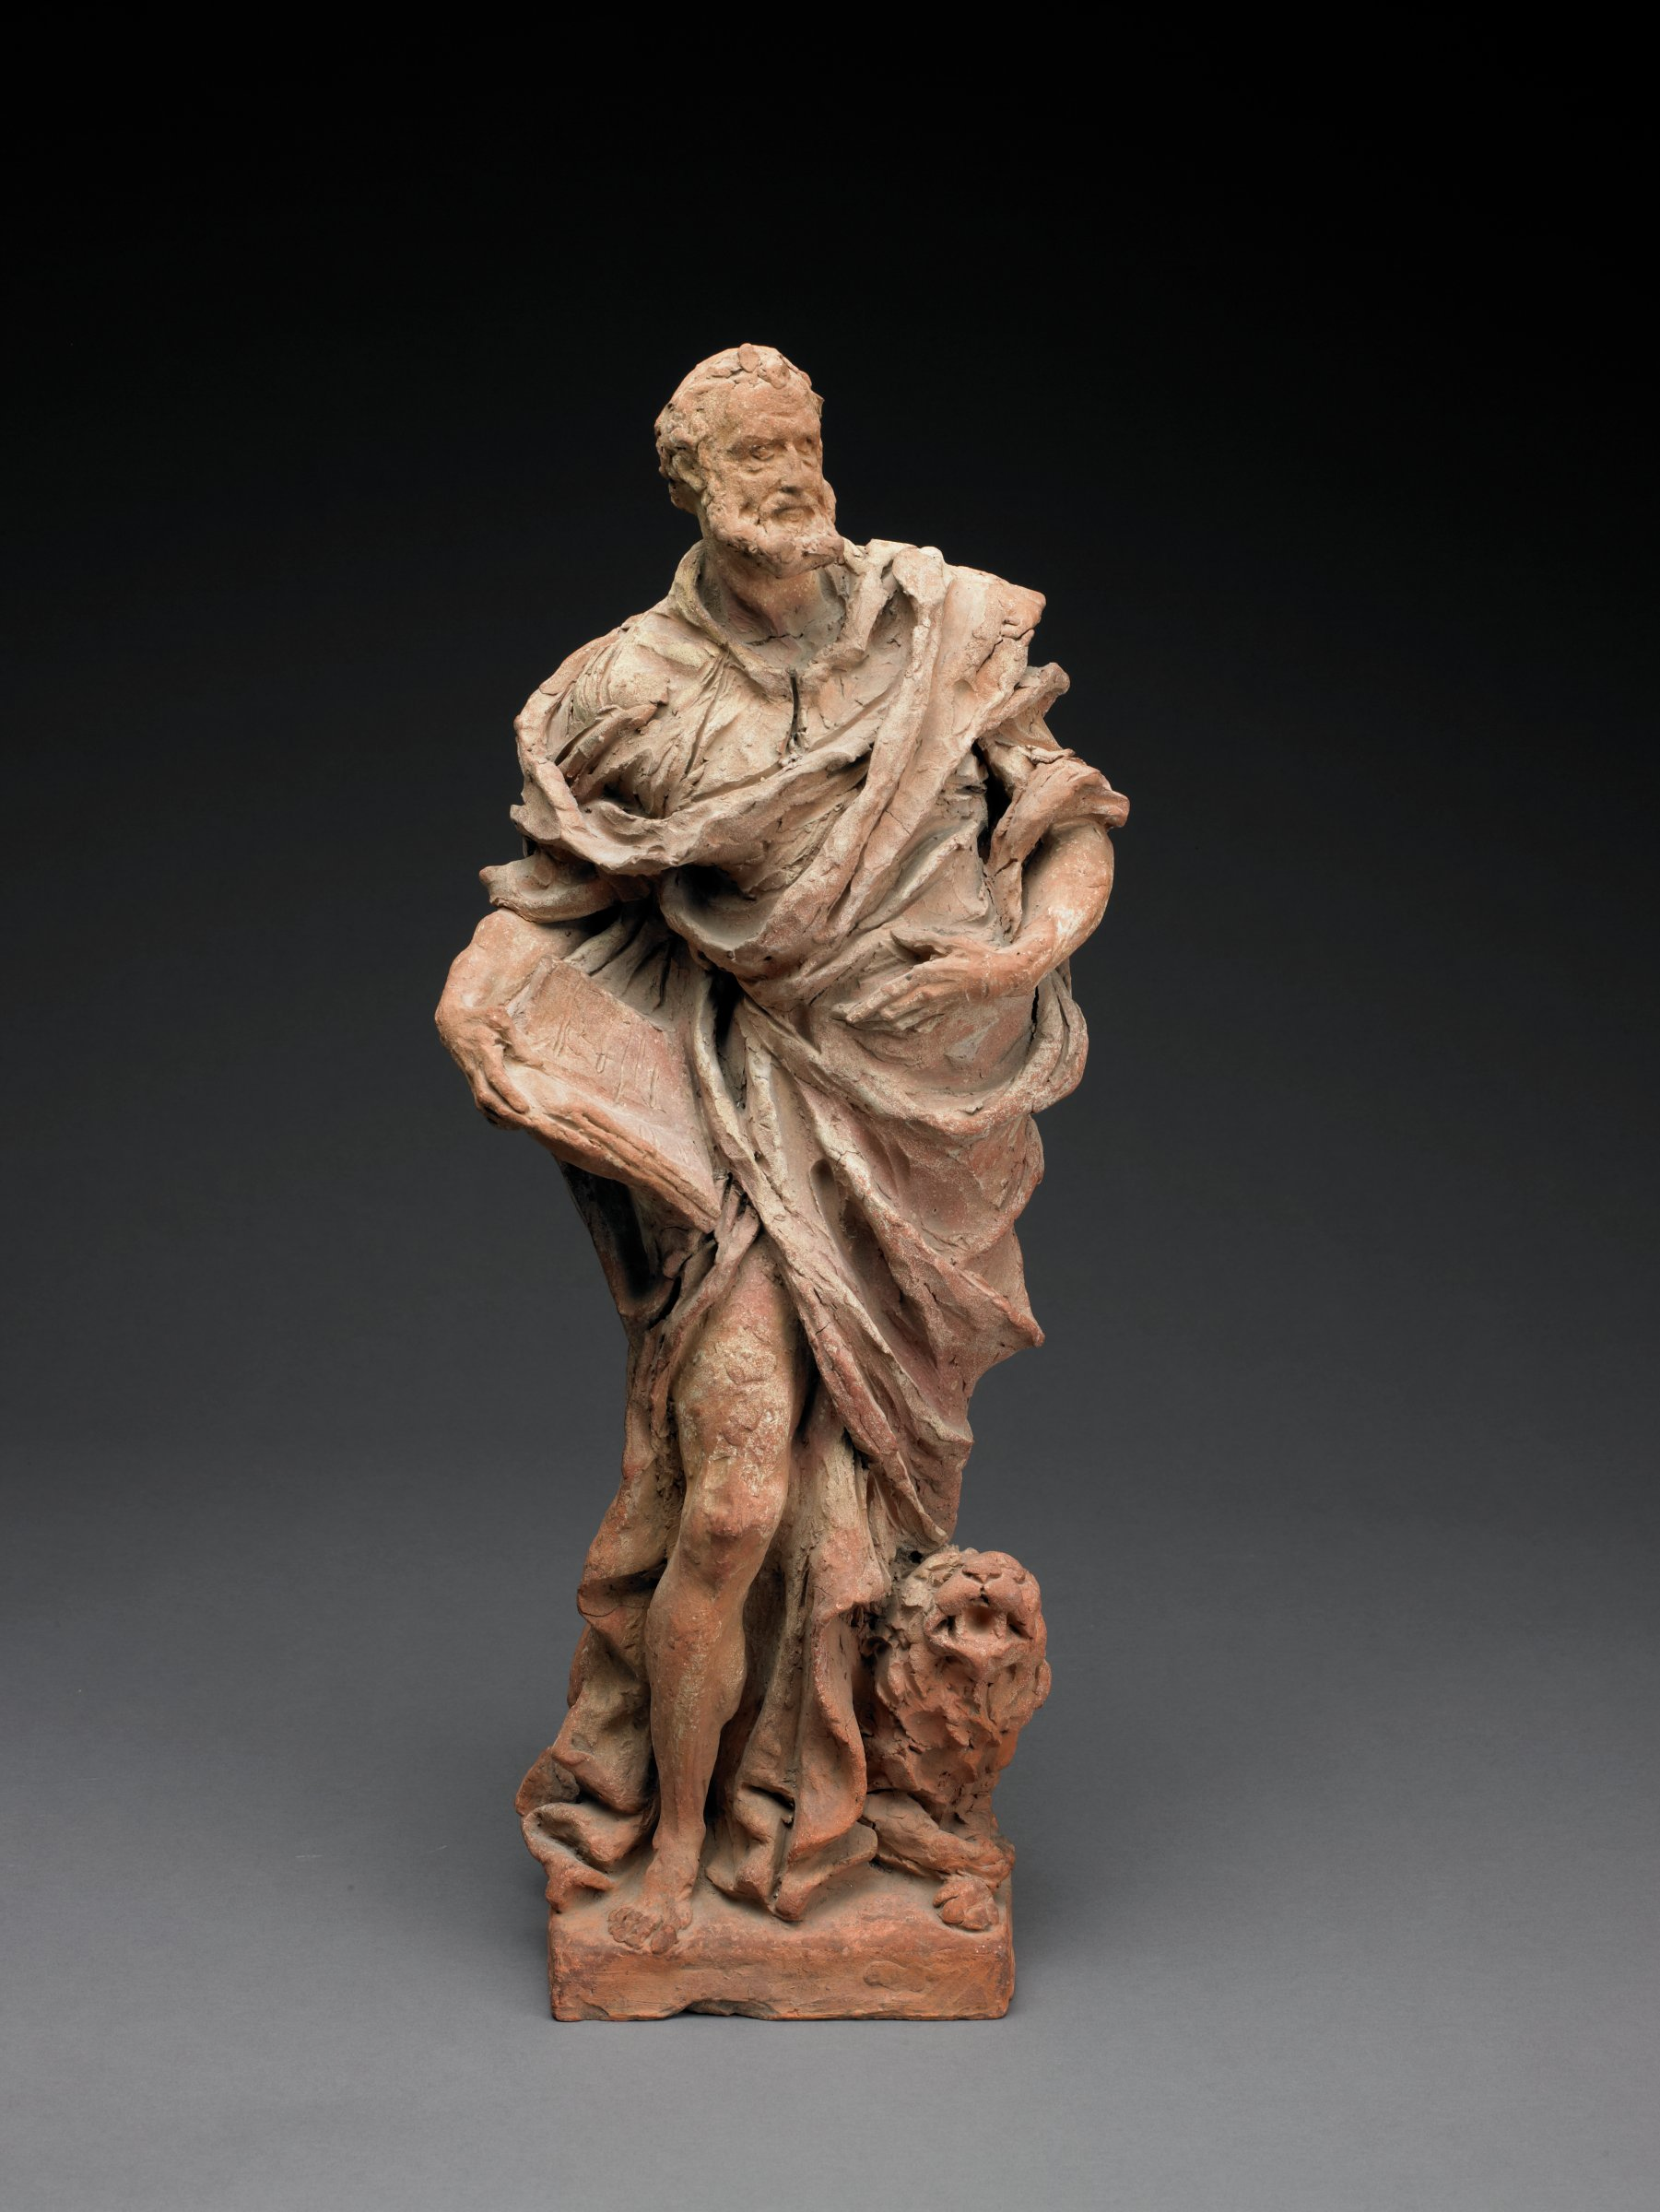 St. Mark, Giuseppe Bernardi, called Torretto, terracotta